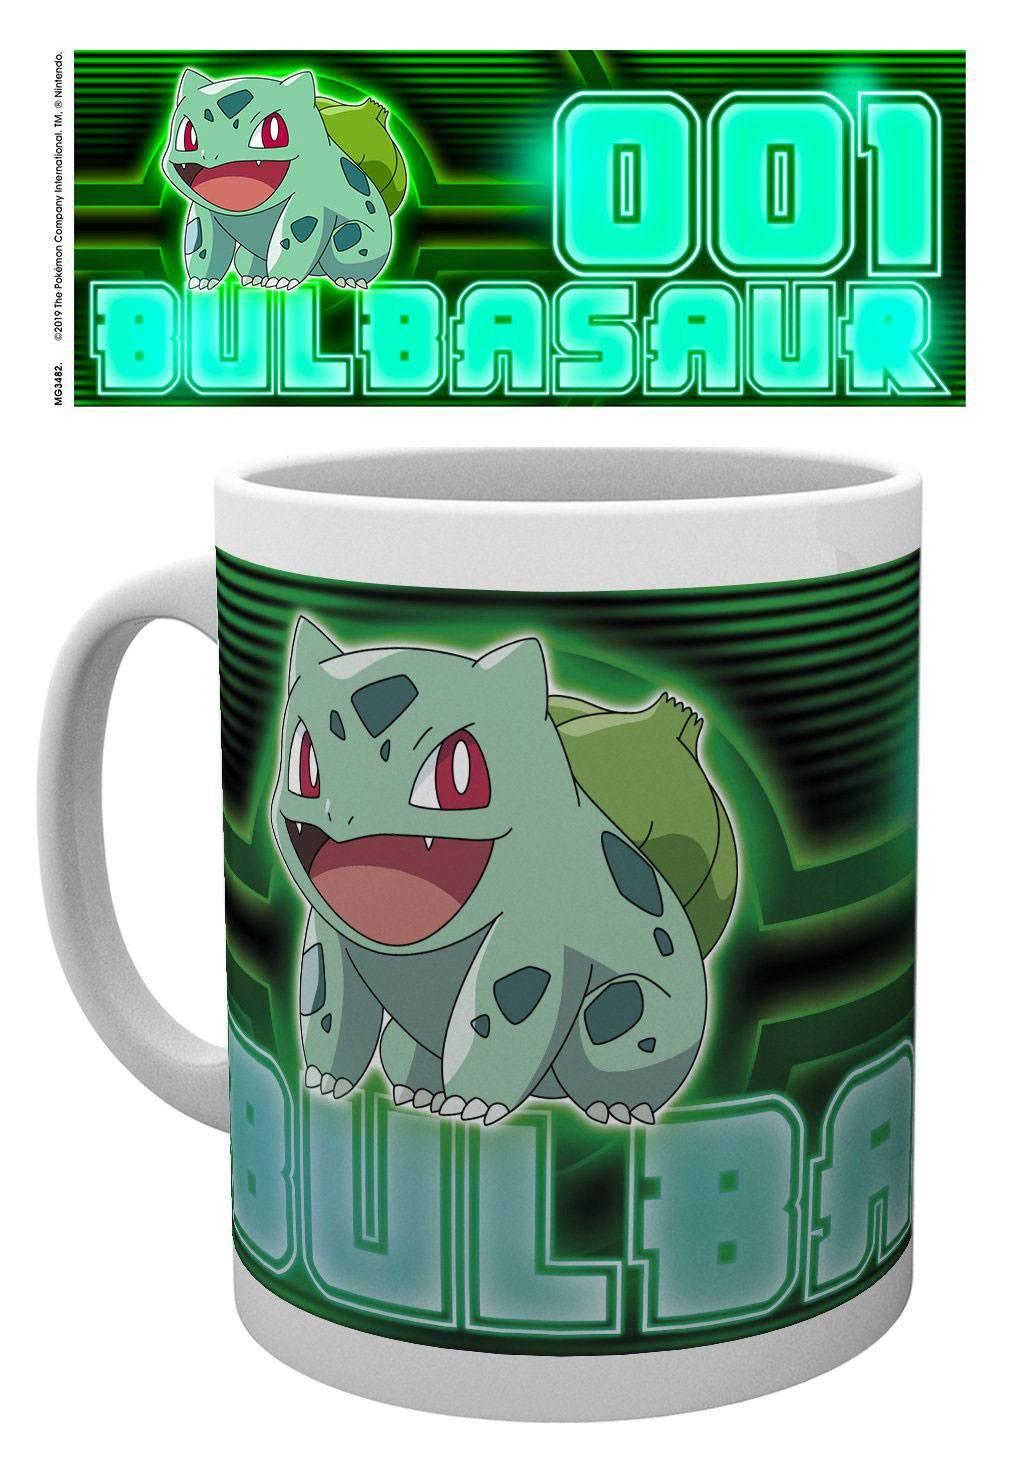 Pokémon Mug Bulbasaur Glow